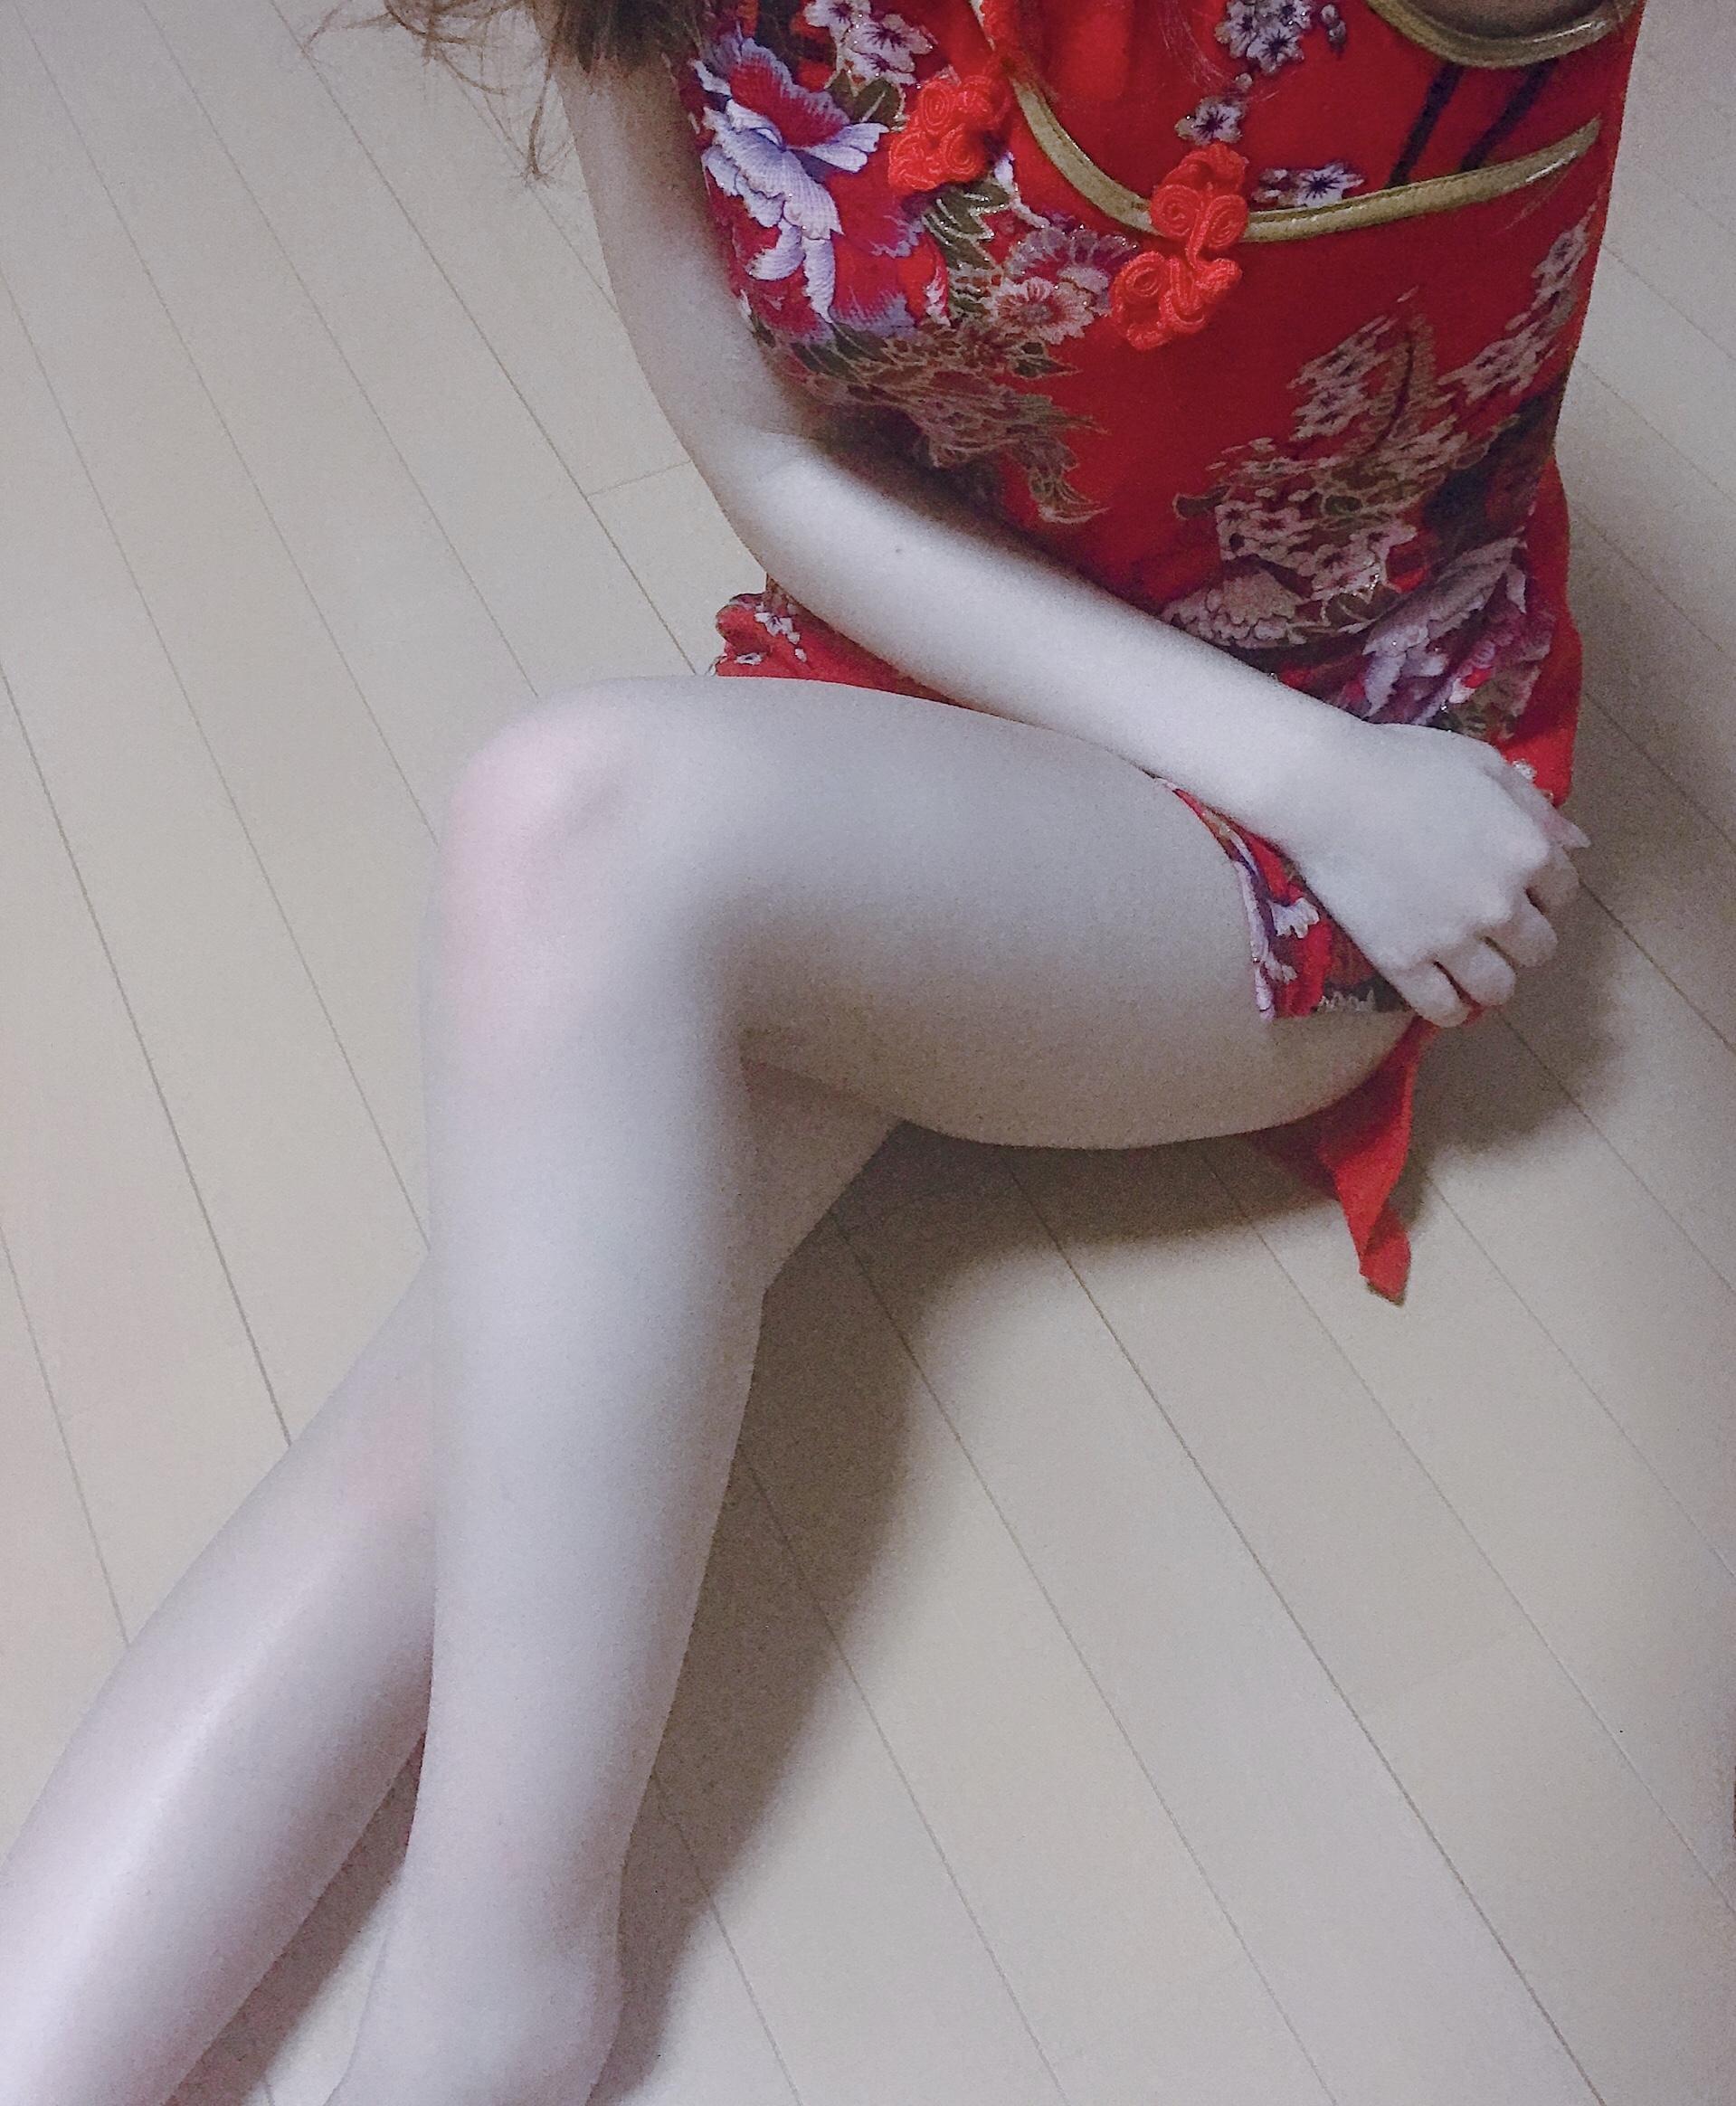 「出勤|*'ω')」12/09(日) 18:44 | 藤崎 あんりの写メ・風俗動画